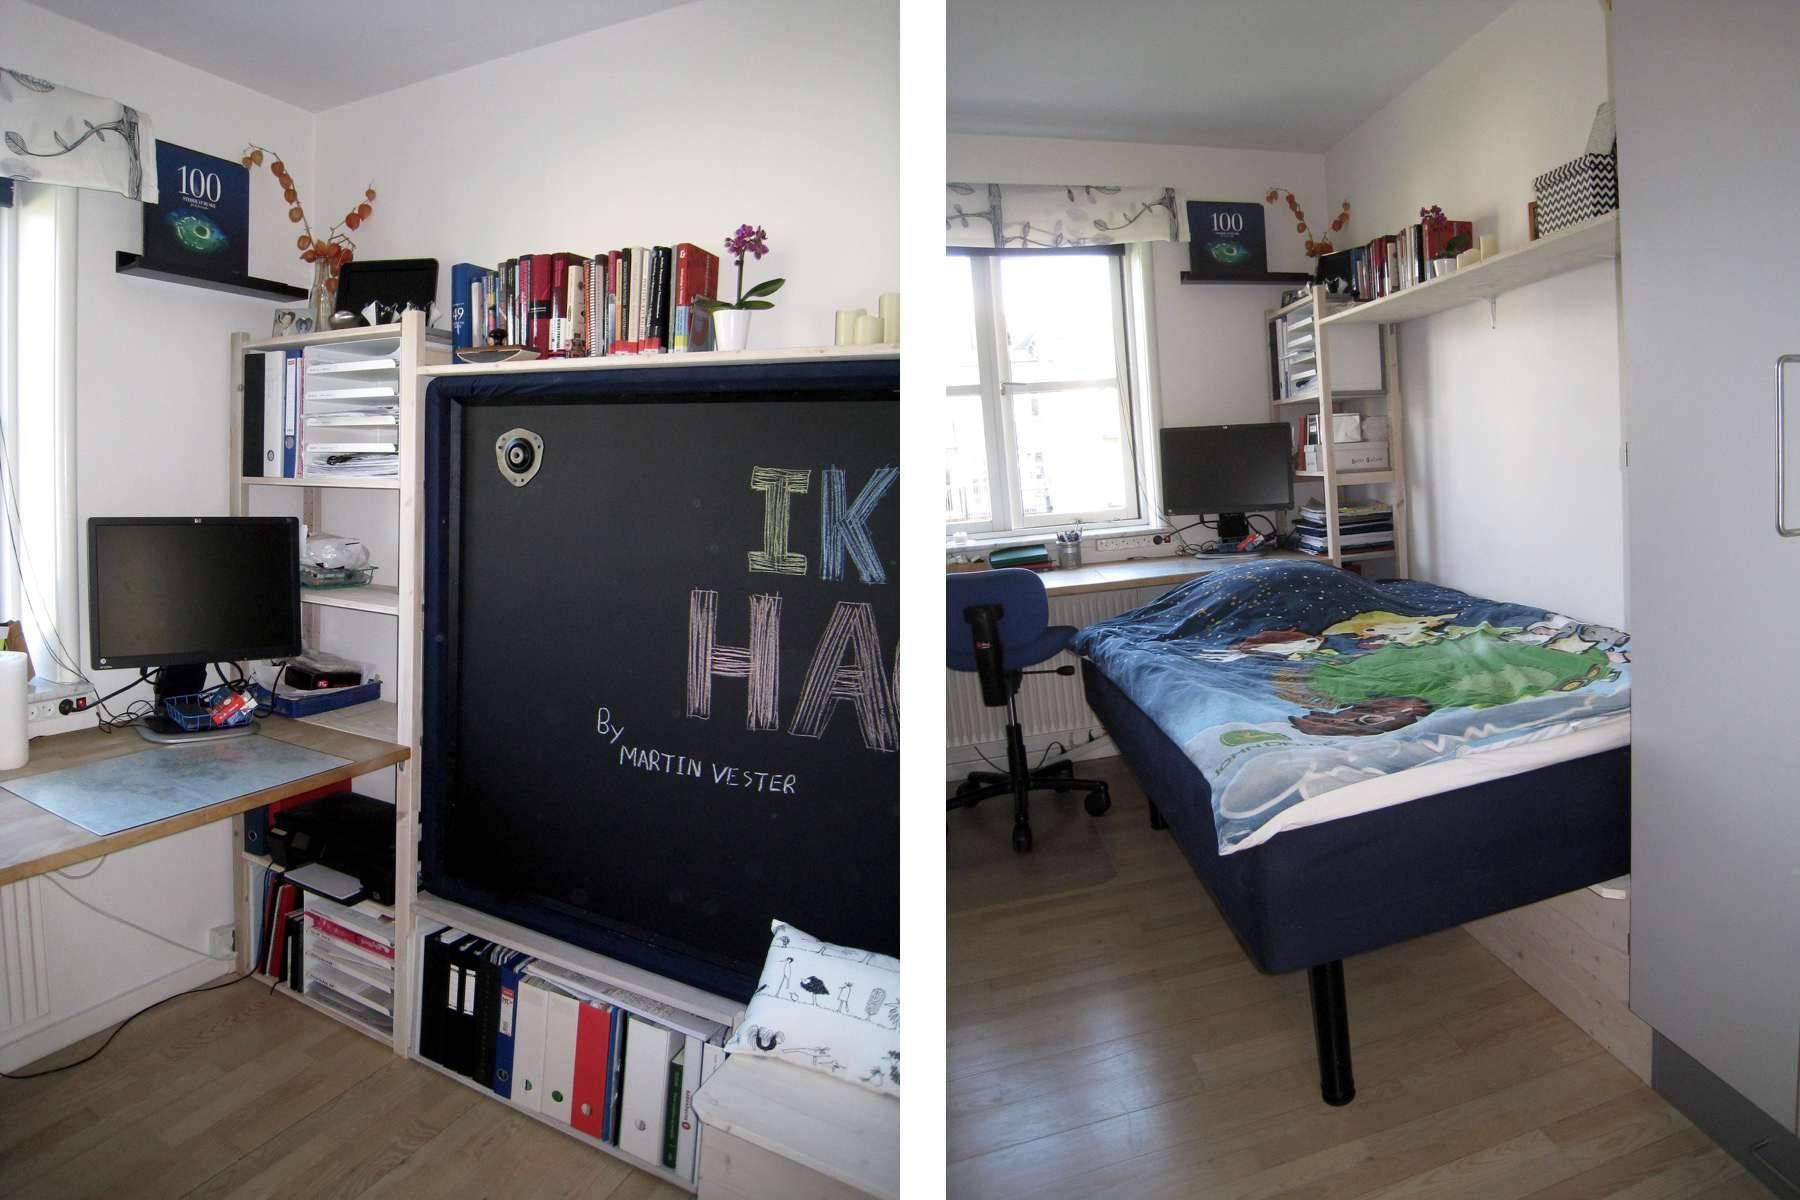 Ikea Ivar Murphy Bed Hack Open 581cd4355f9b581c0b b